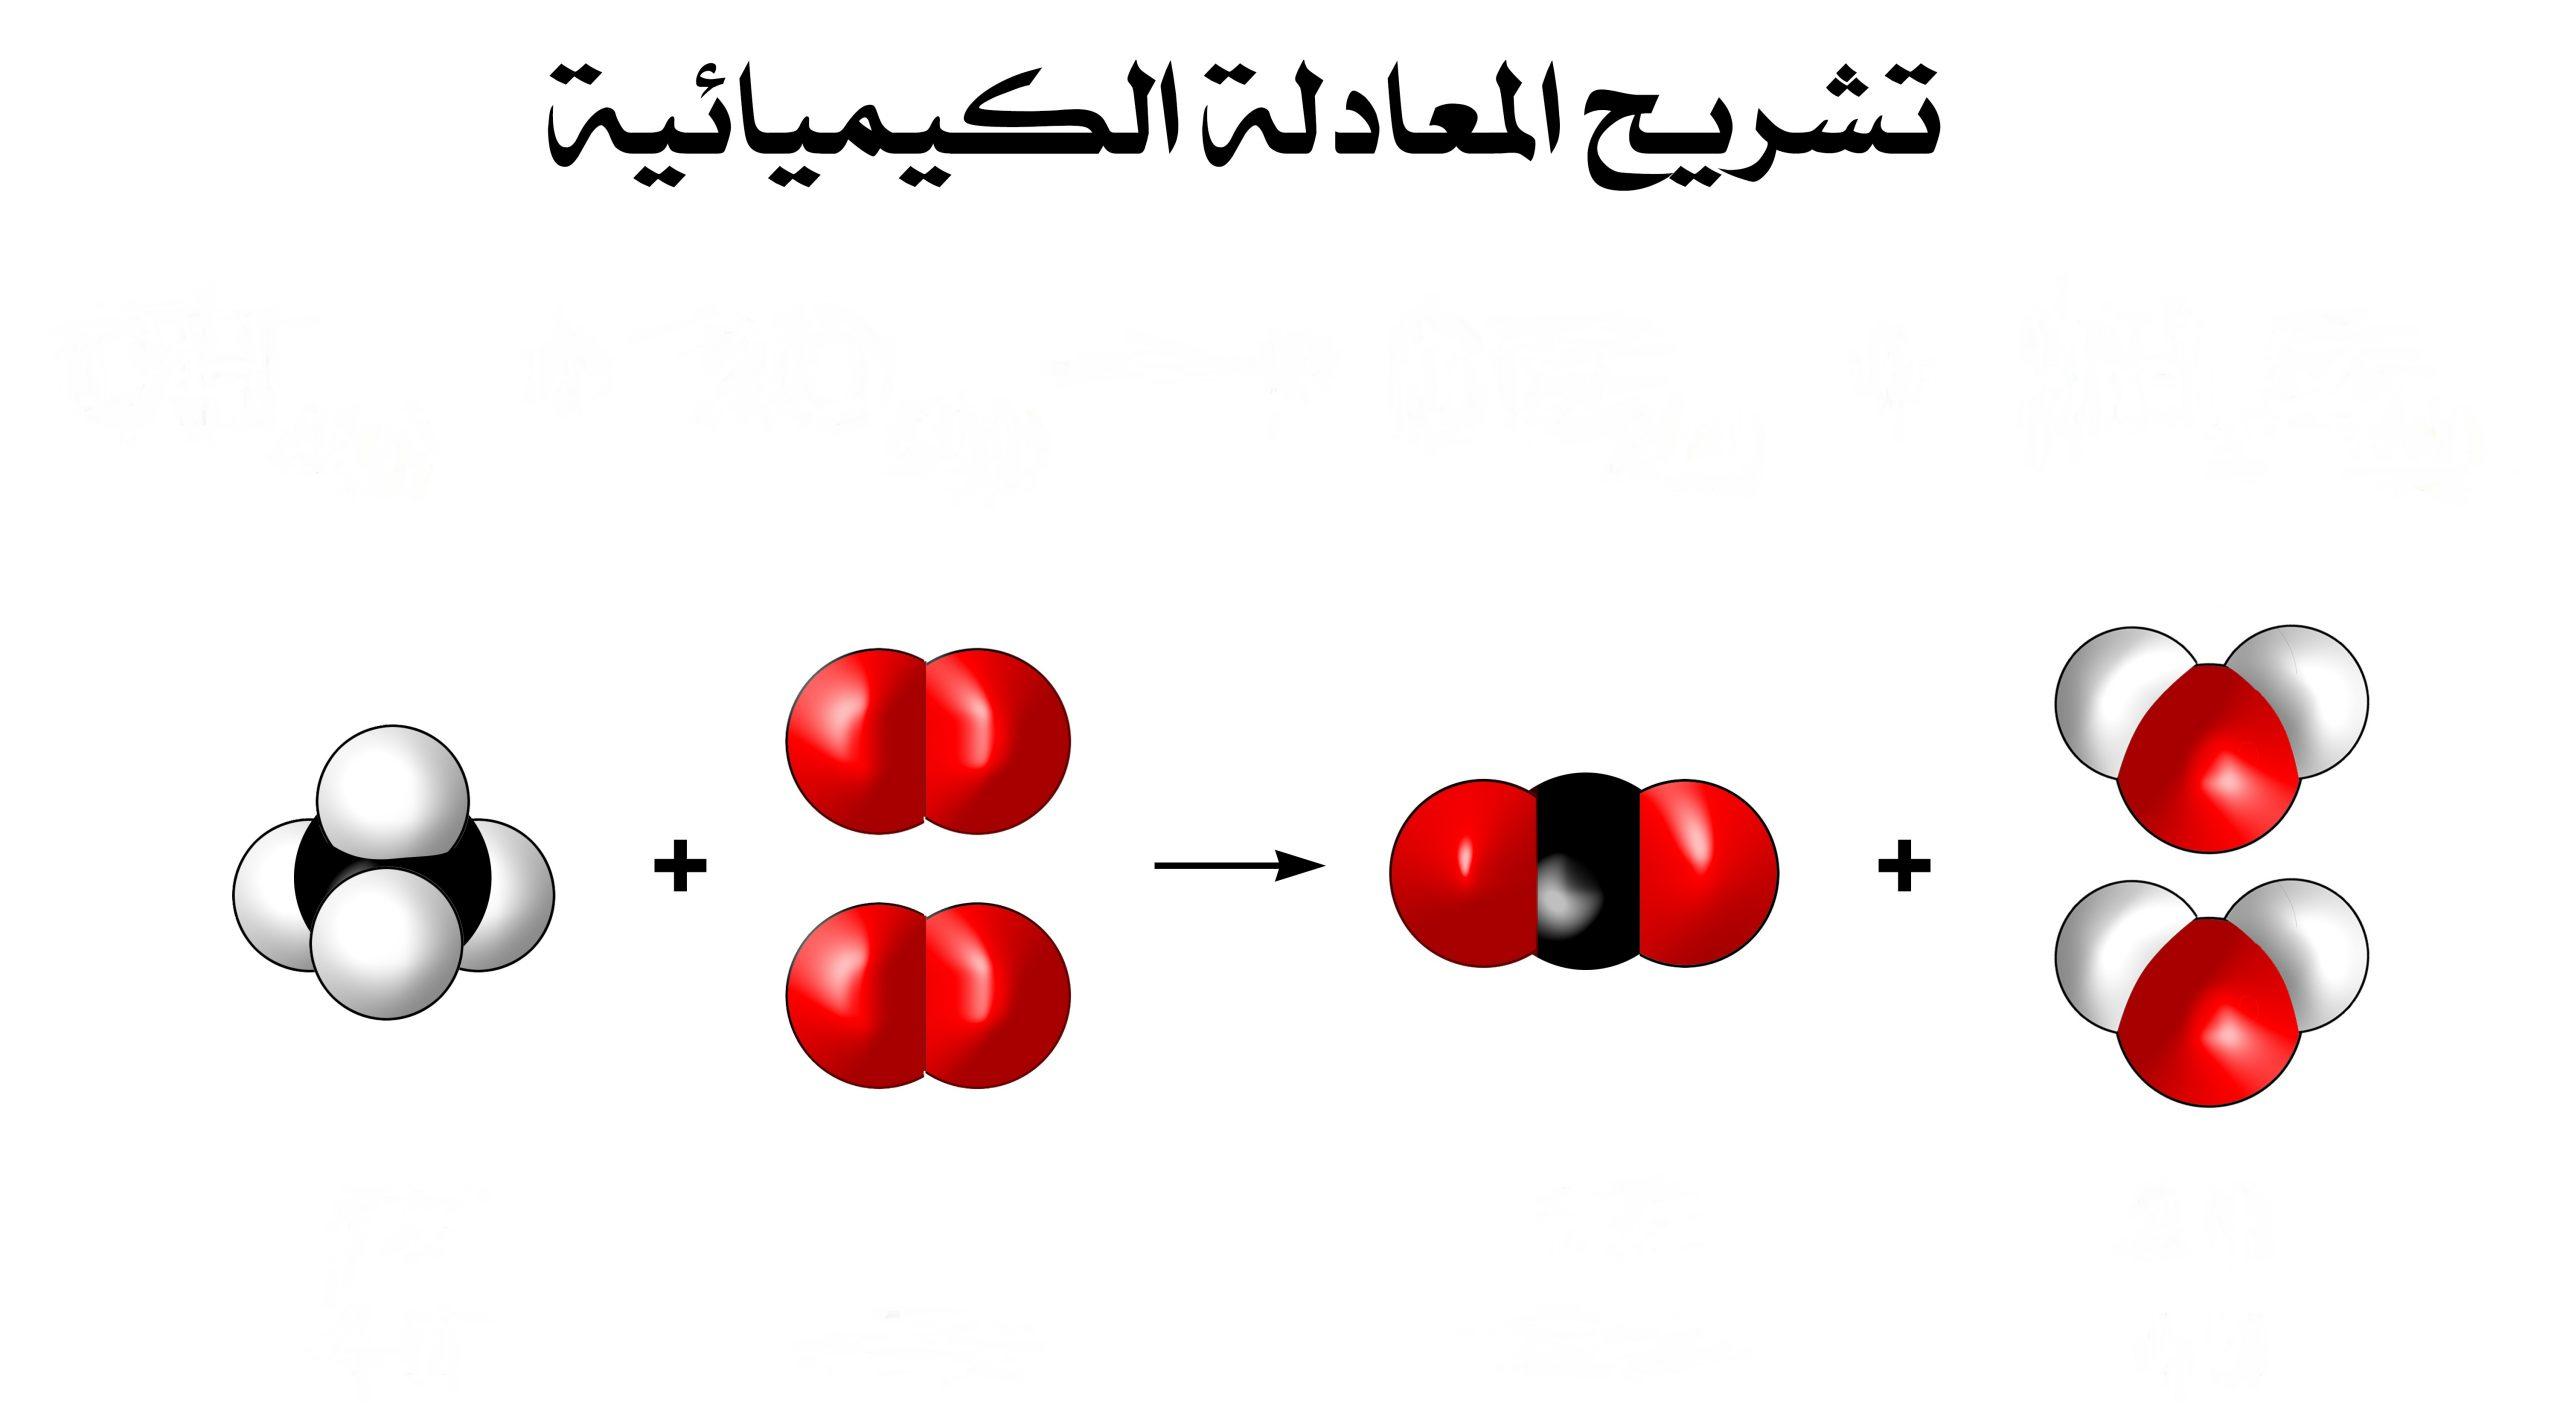 في المعادلات الكيميائية ماذا يظهر جهة ذيل السهم